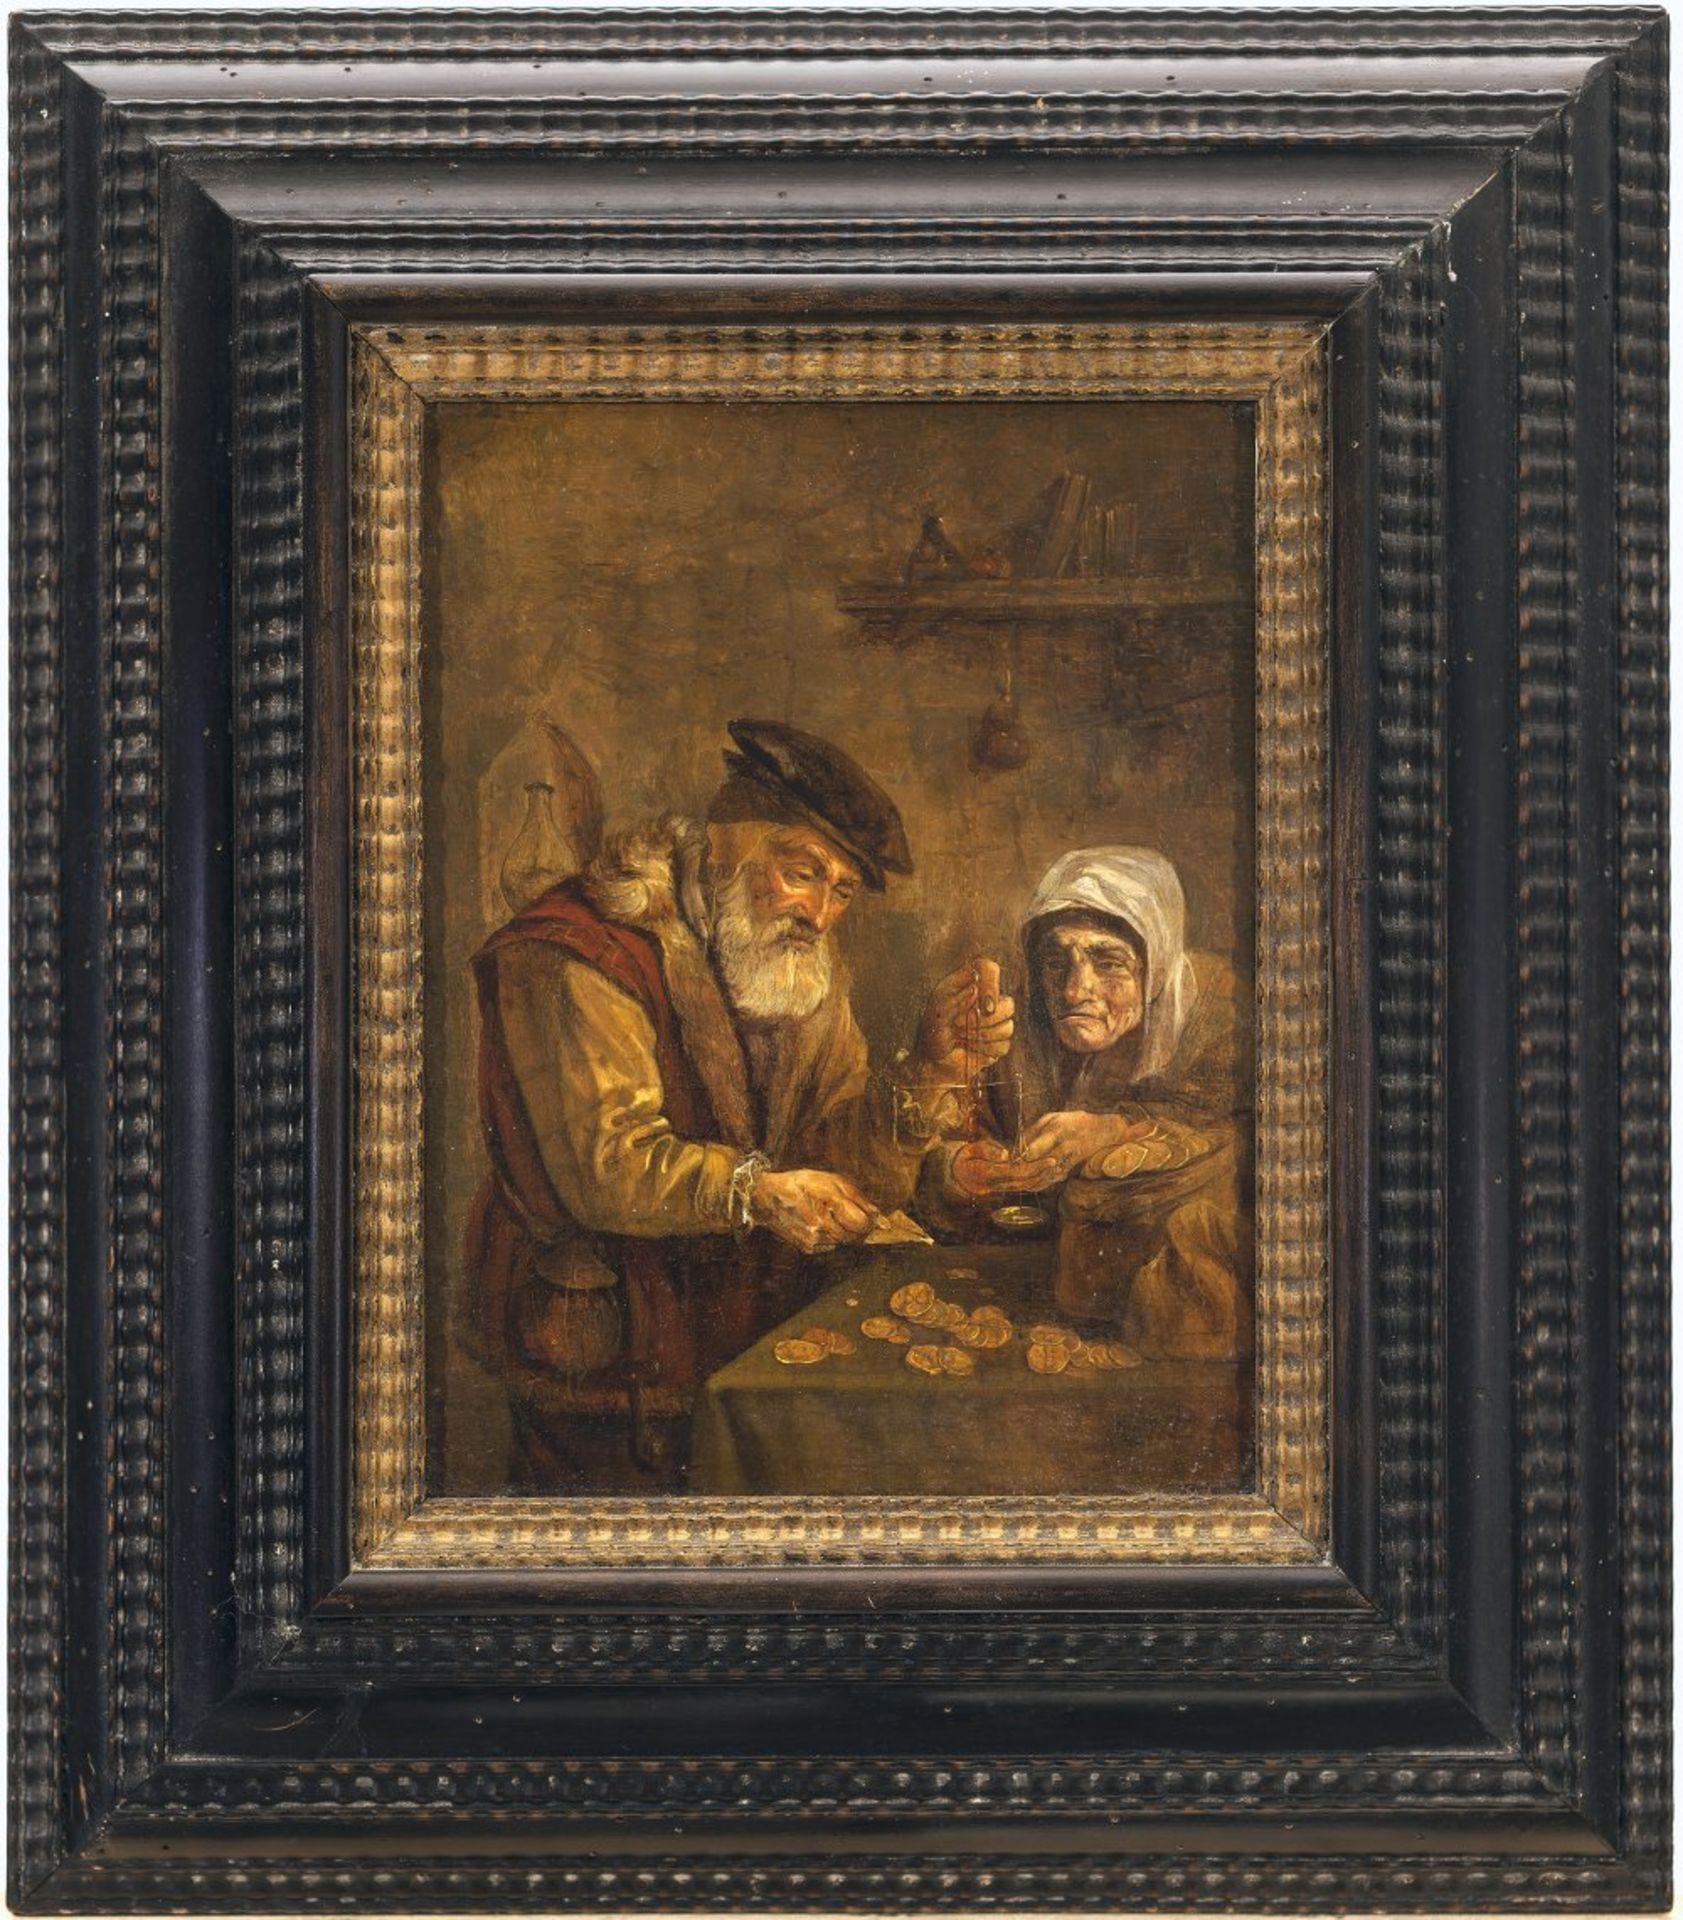 Niederlande, 17. Jh.Der Goldwäger. Öl/Holz. 23,5 x 17,5 cm. Besch., rest. Unsign.The Netherlands ,